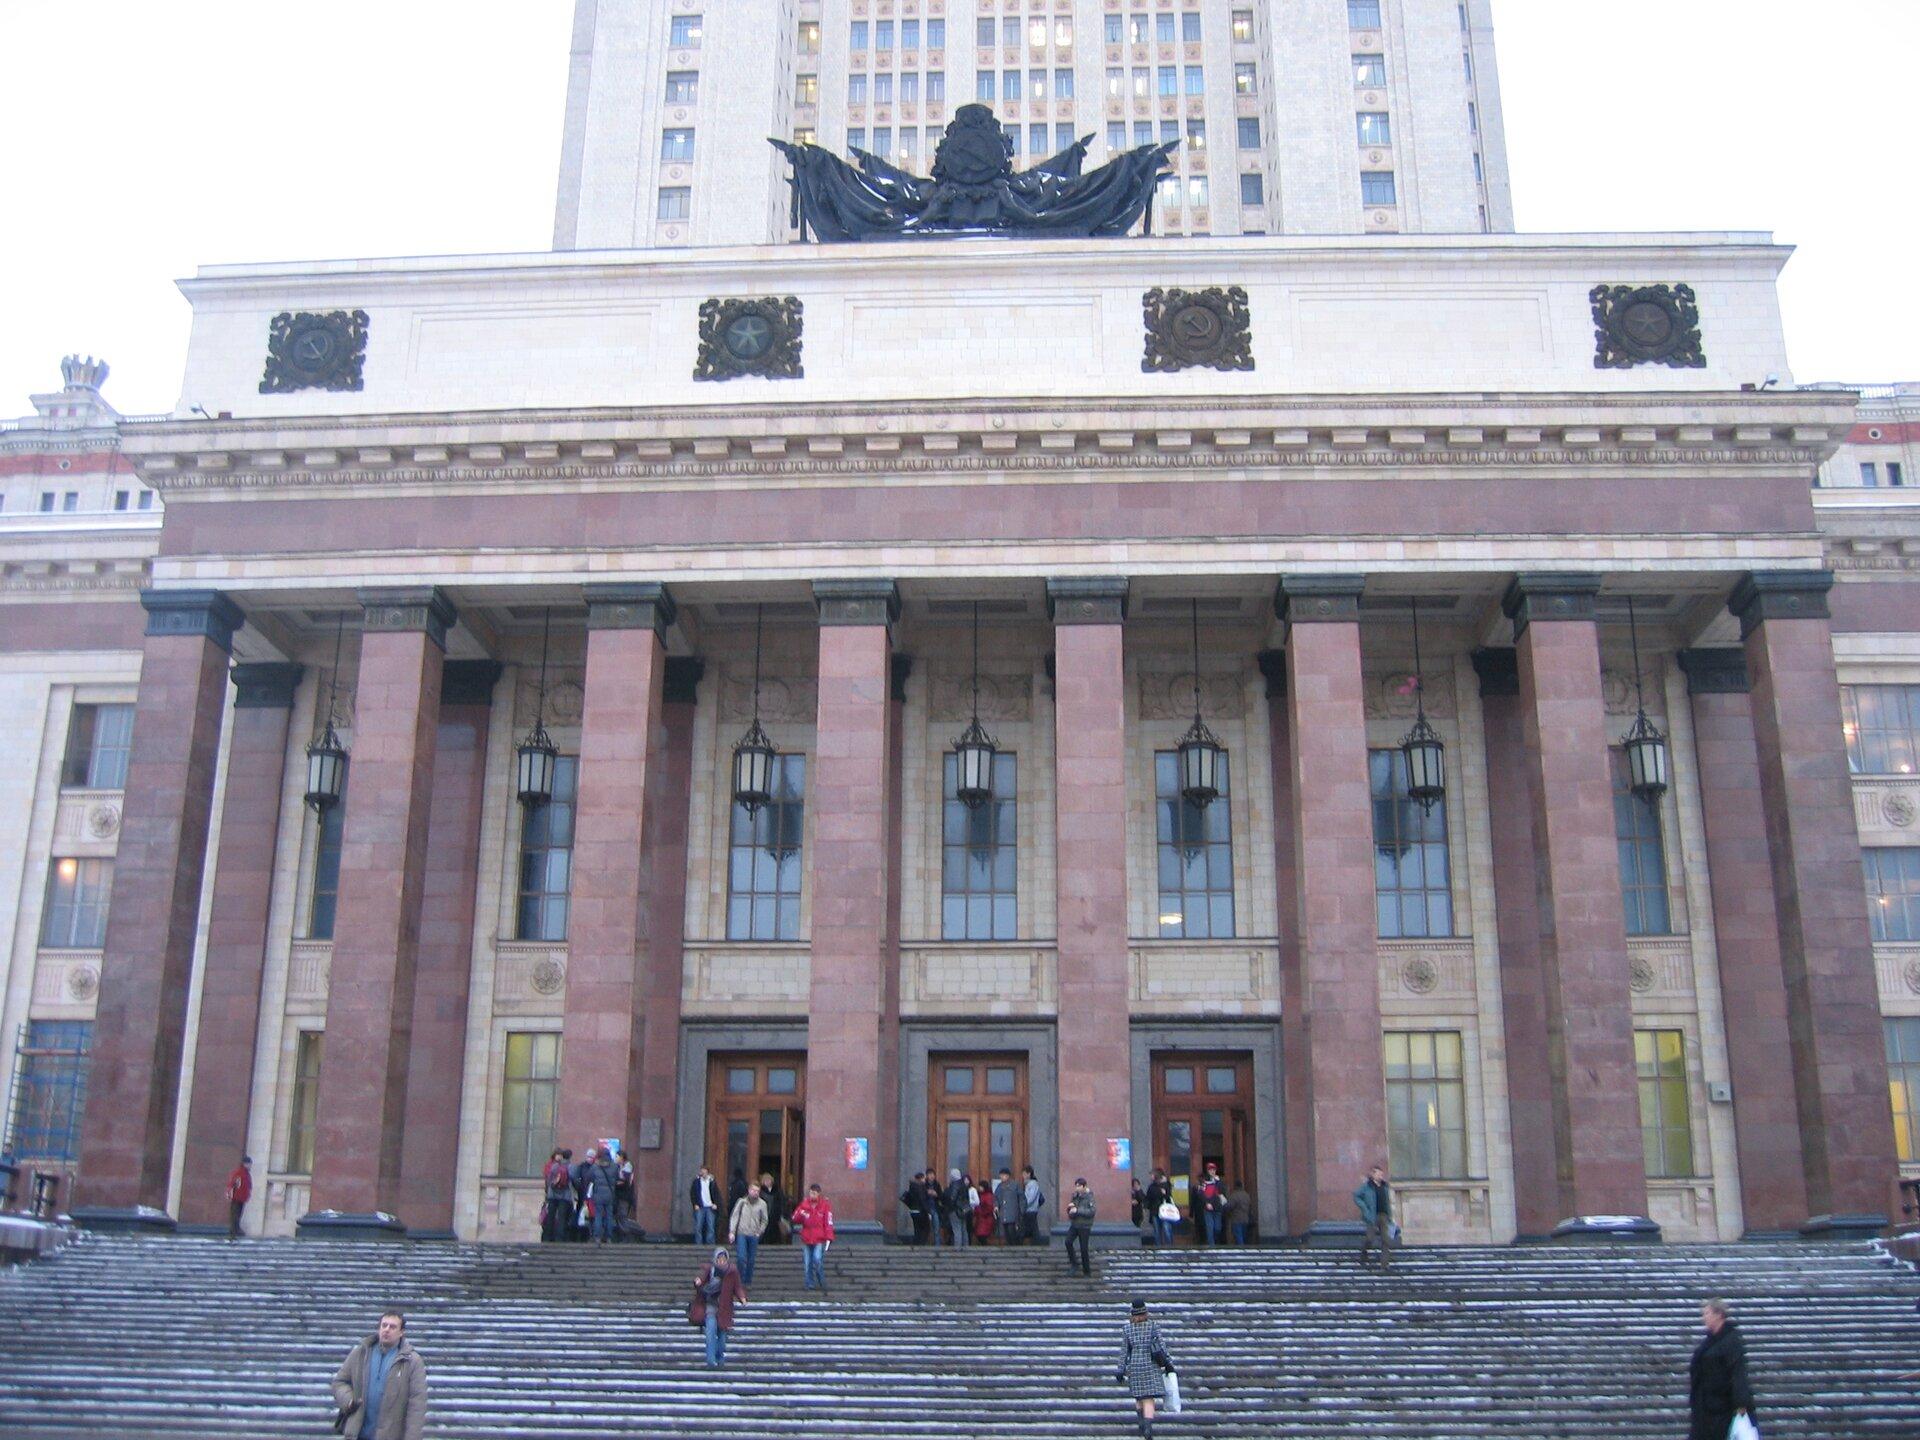 Budynek Uniwersytetu im. Łomonosowa wMoskwie Budynek Uniwersytetu im. Łomonosowa wMoskwie Źródło: Wikimedia Commons, licencja: CC BY-SA 3.0.